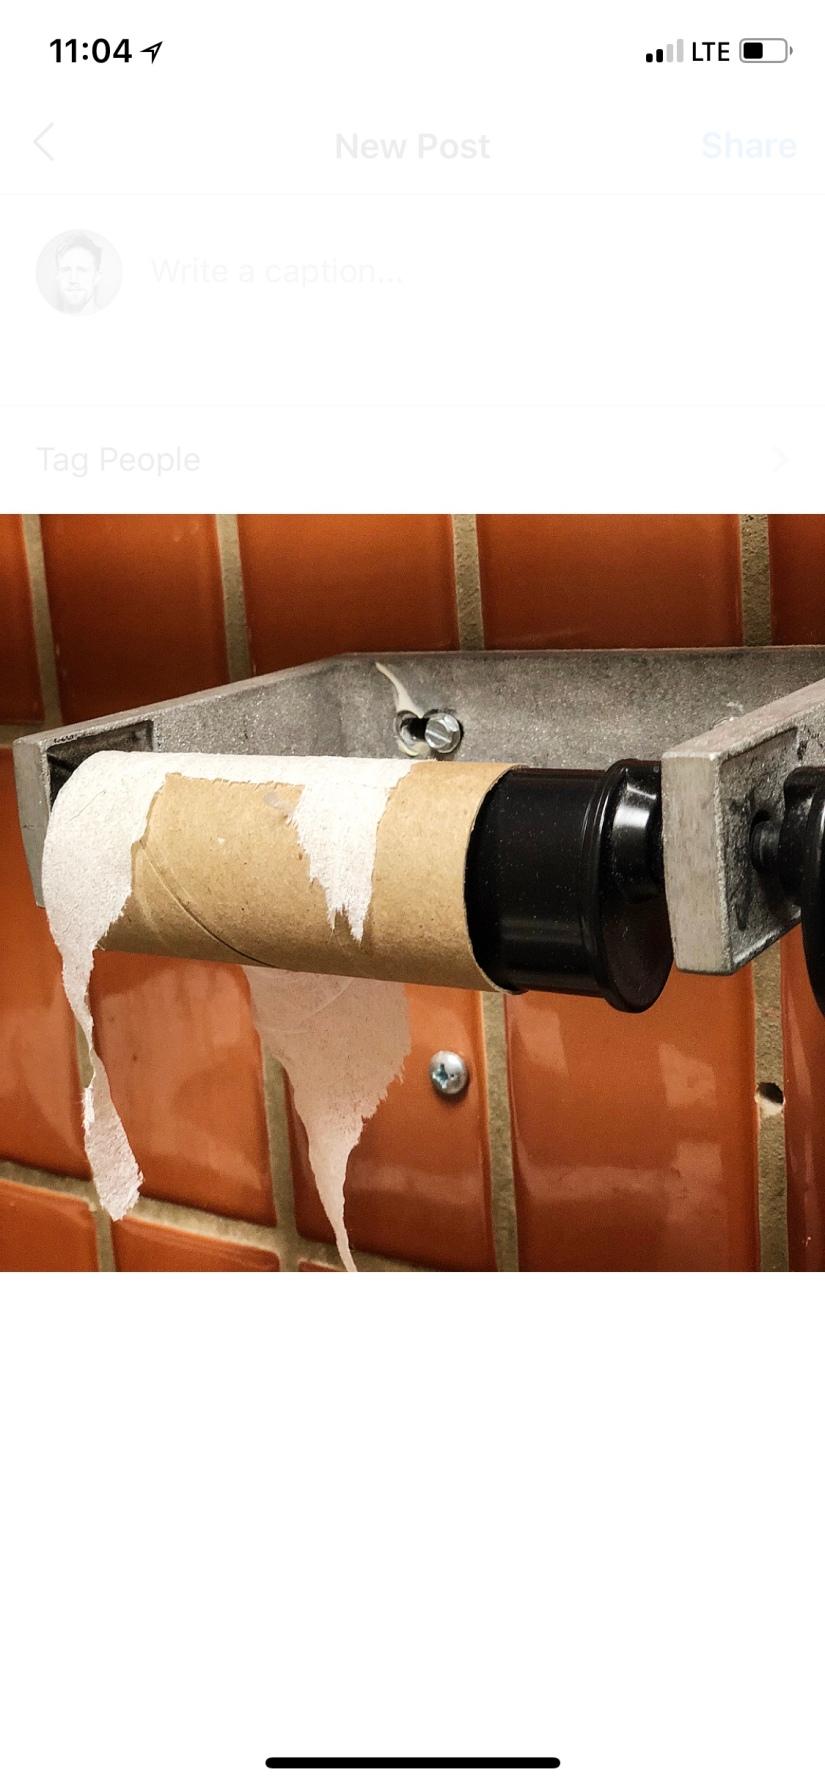 Toilet Paper Teachings